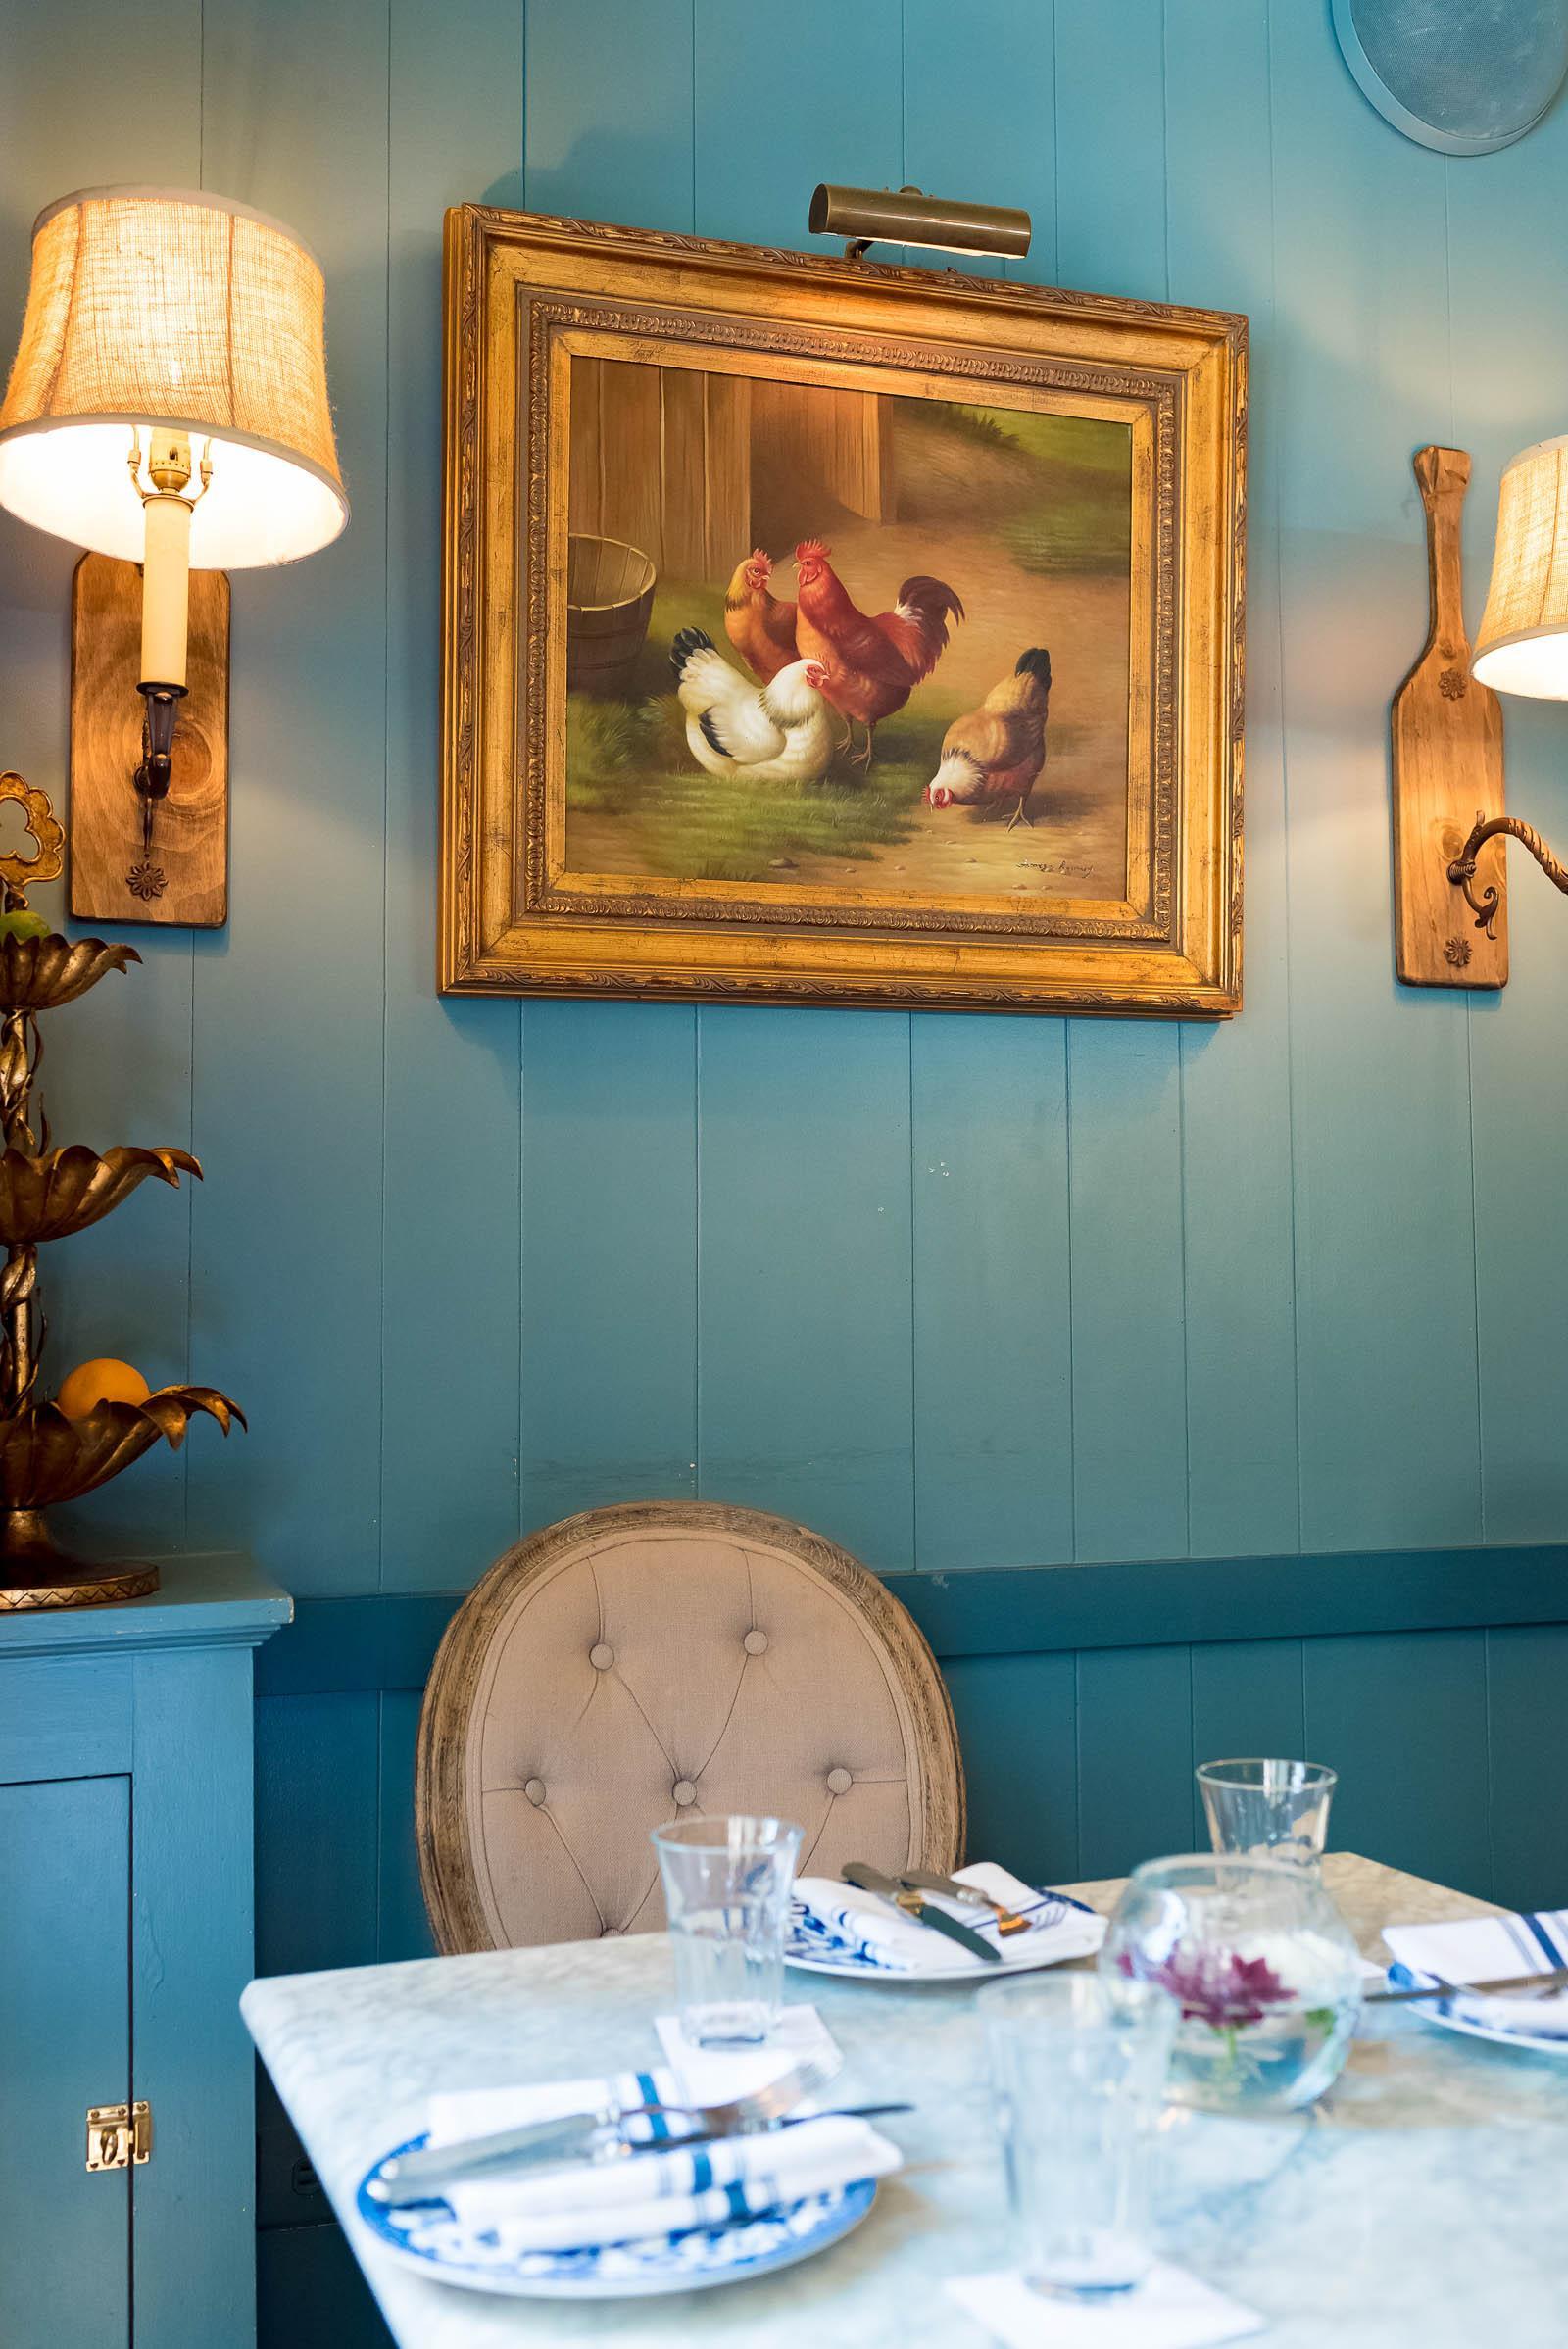 Chicago Eats Blue Door Kitchen & Garden Sed Bona